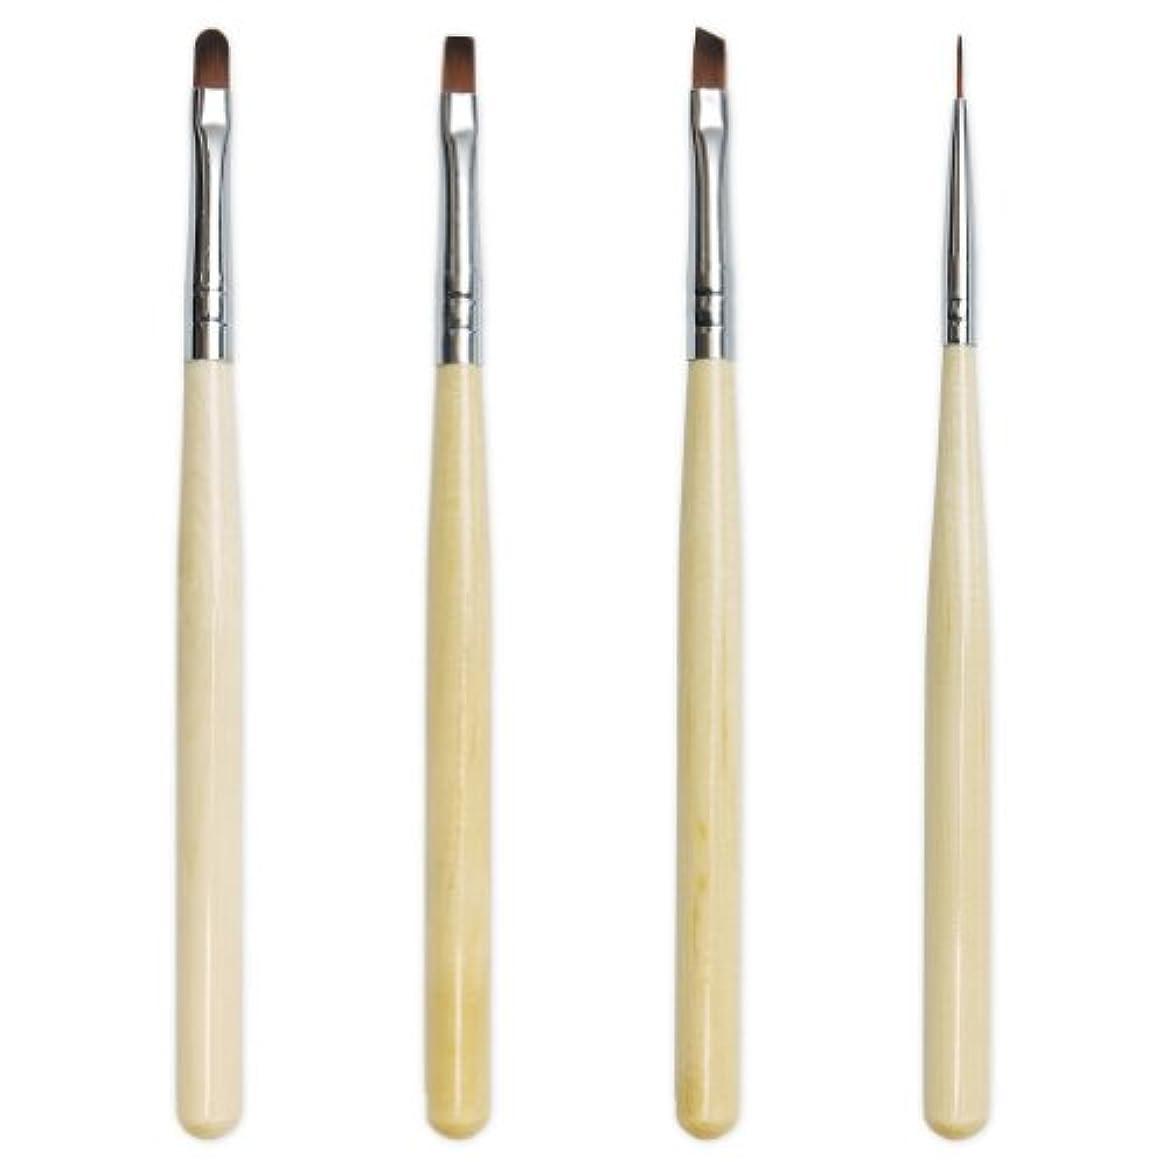 セッション突破口刈るジェルネイル《使い勝手の良い木目ブラシ》GEL BRUSH SET ジェルブラシセット(4種類パック)